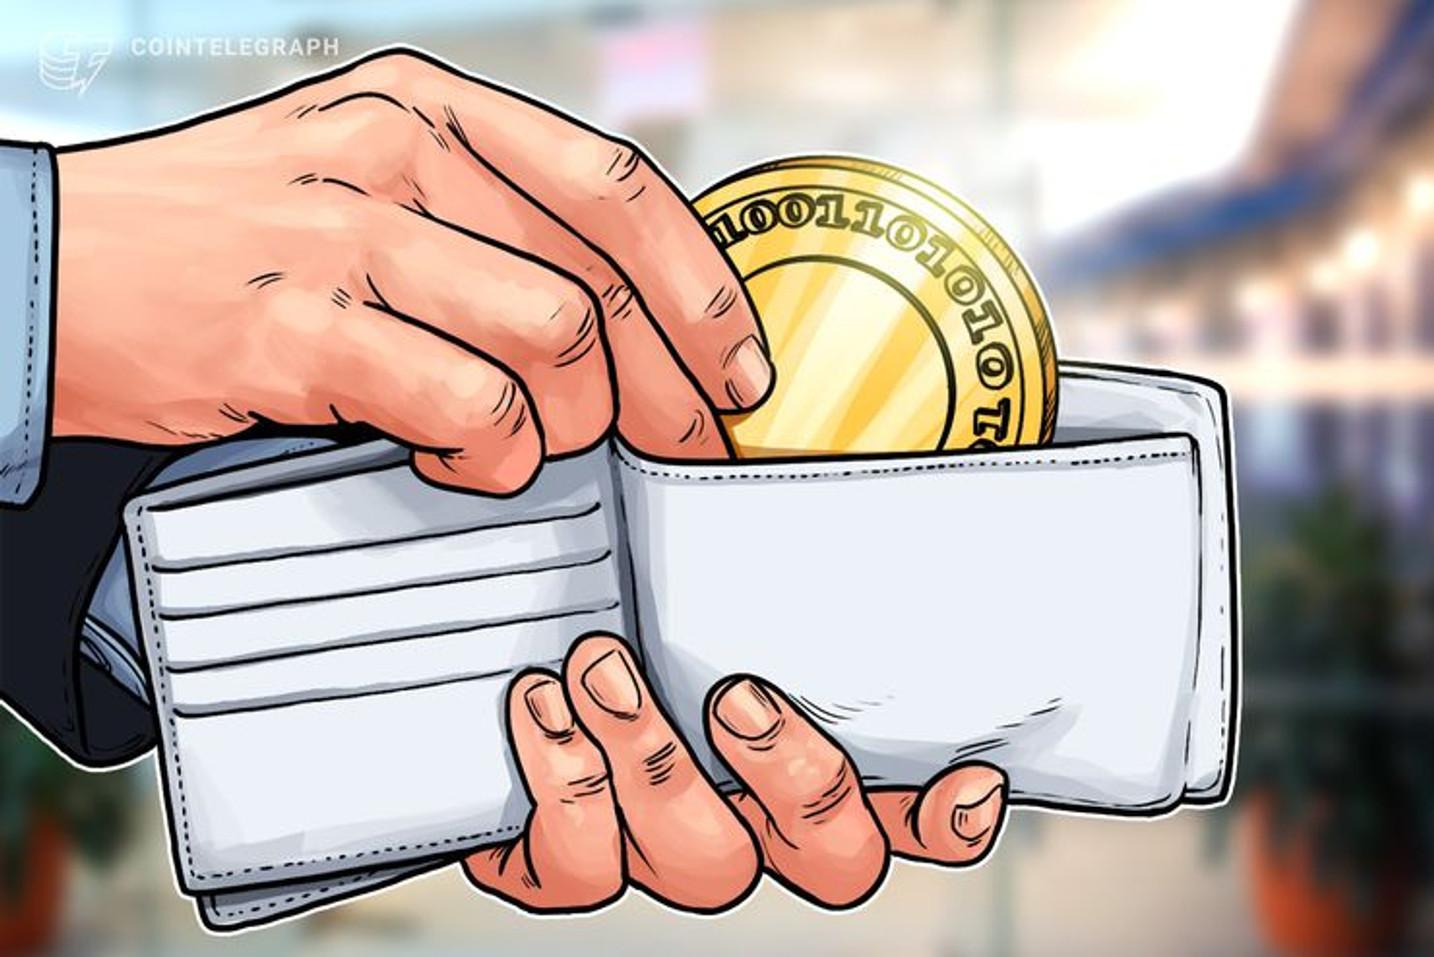 Atlas Quantum compra pouco mais de 1 Bitcoin em sistema de recompra mas paga valor de mercado